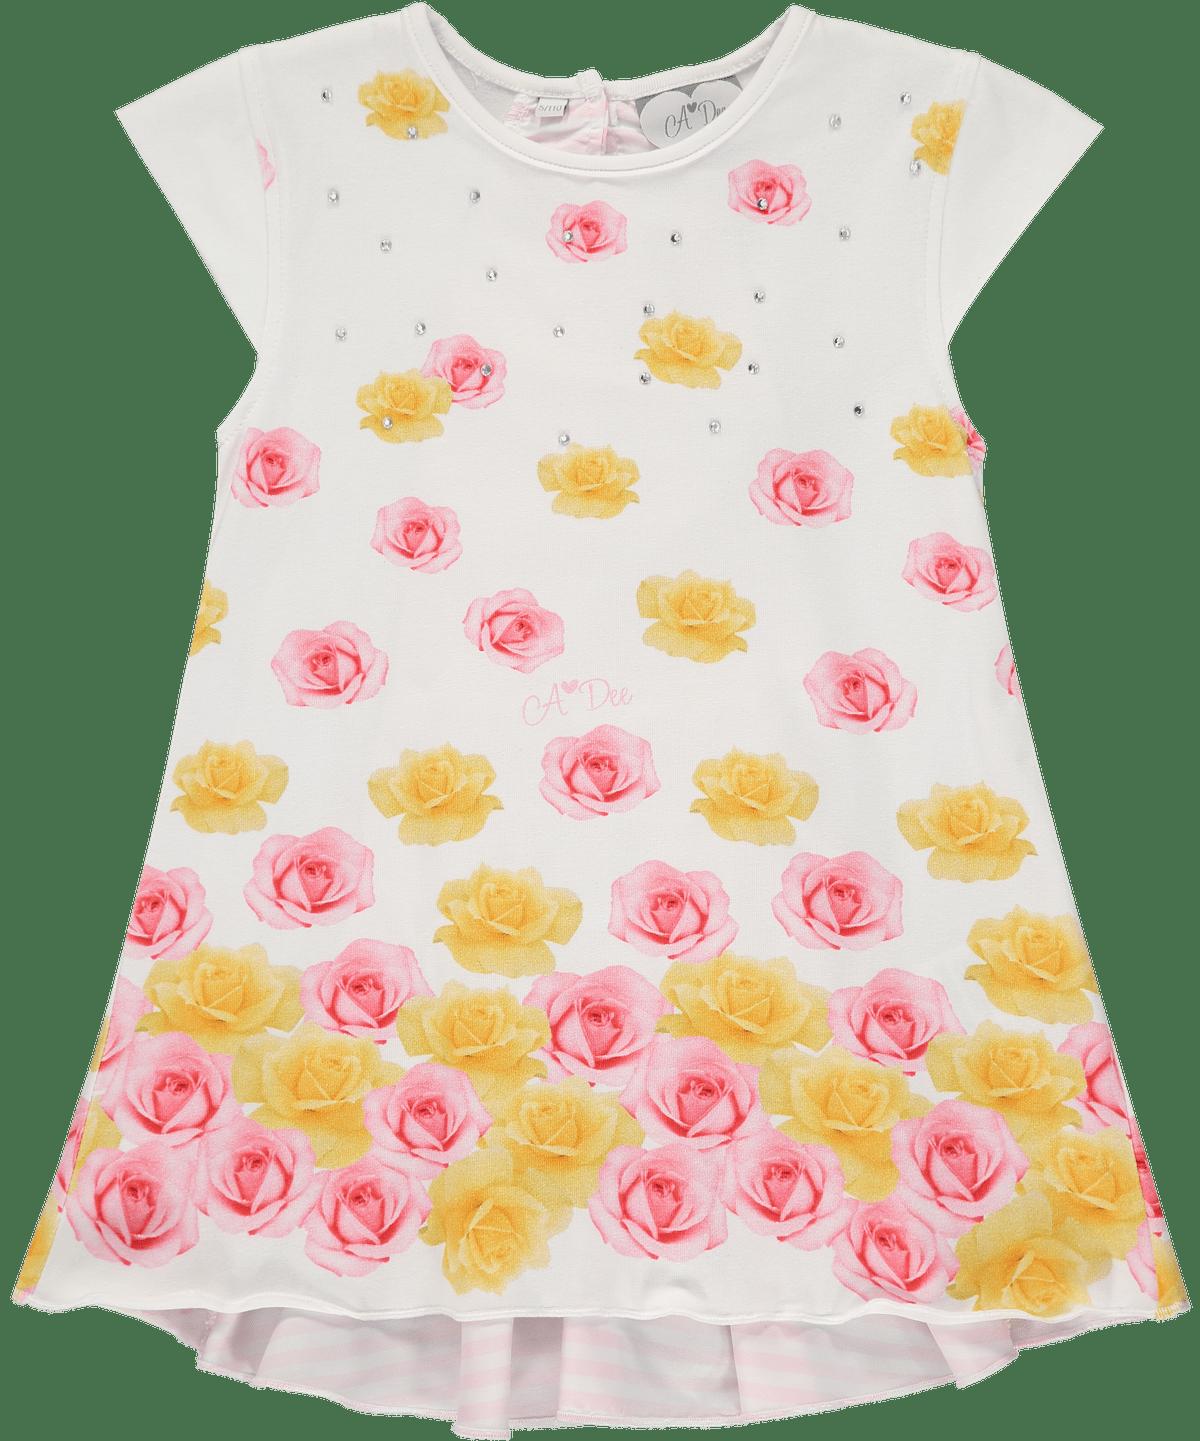 Adee Lollipop Kids Fashion Designer Children S Clothes